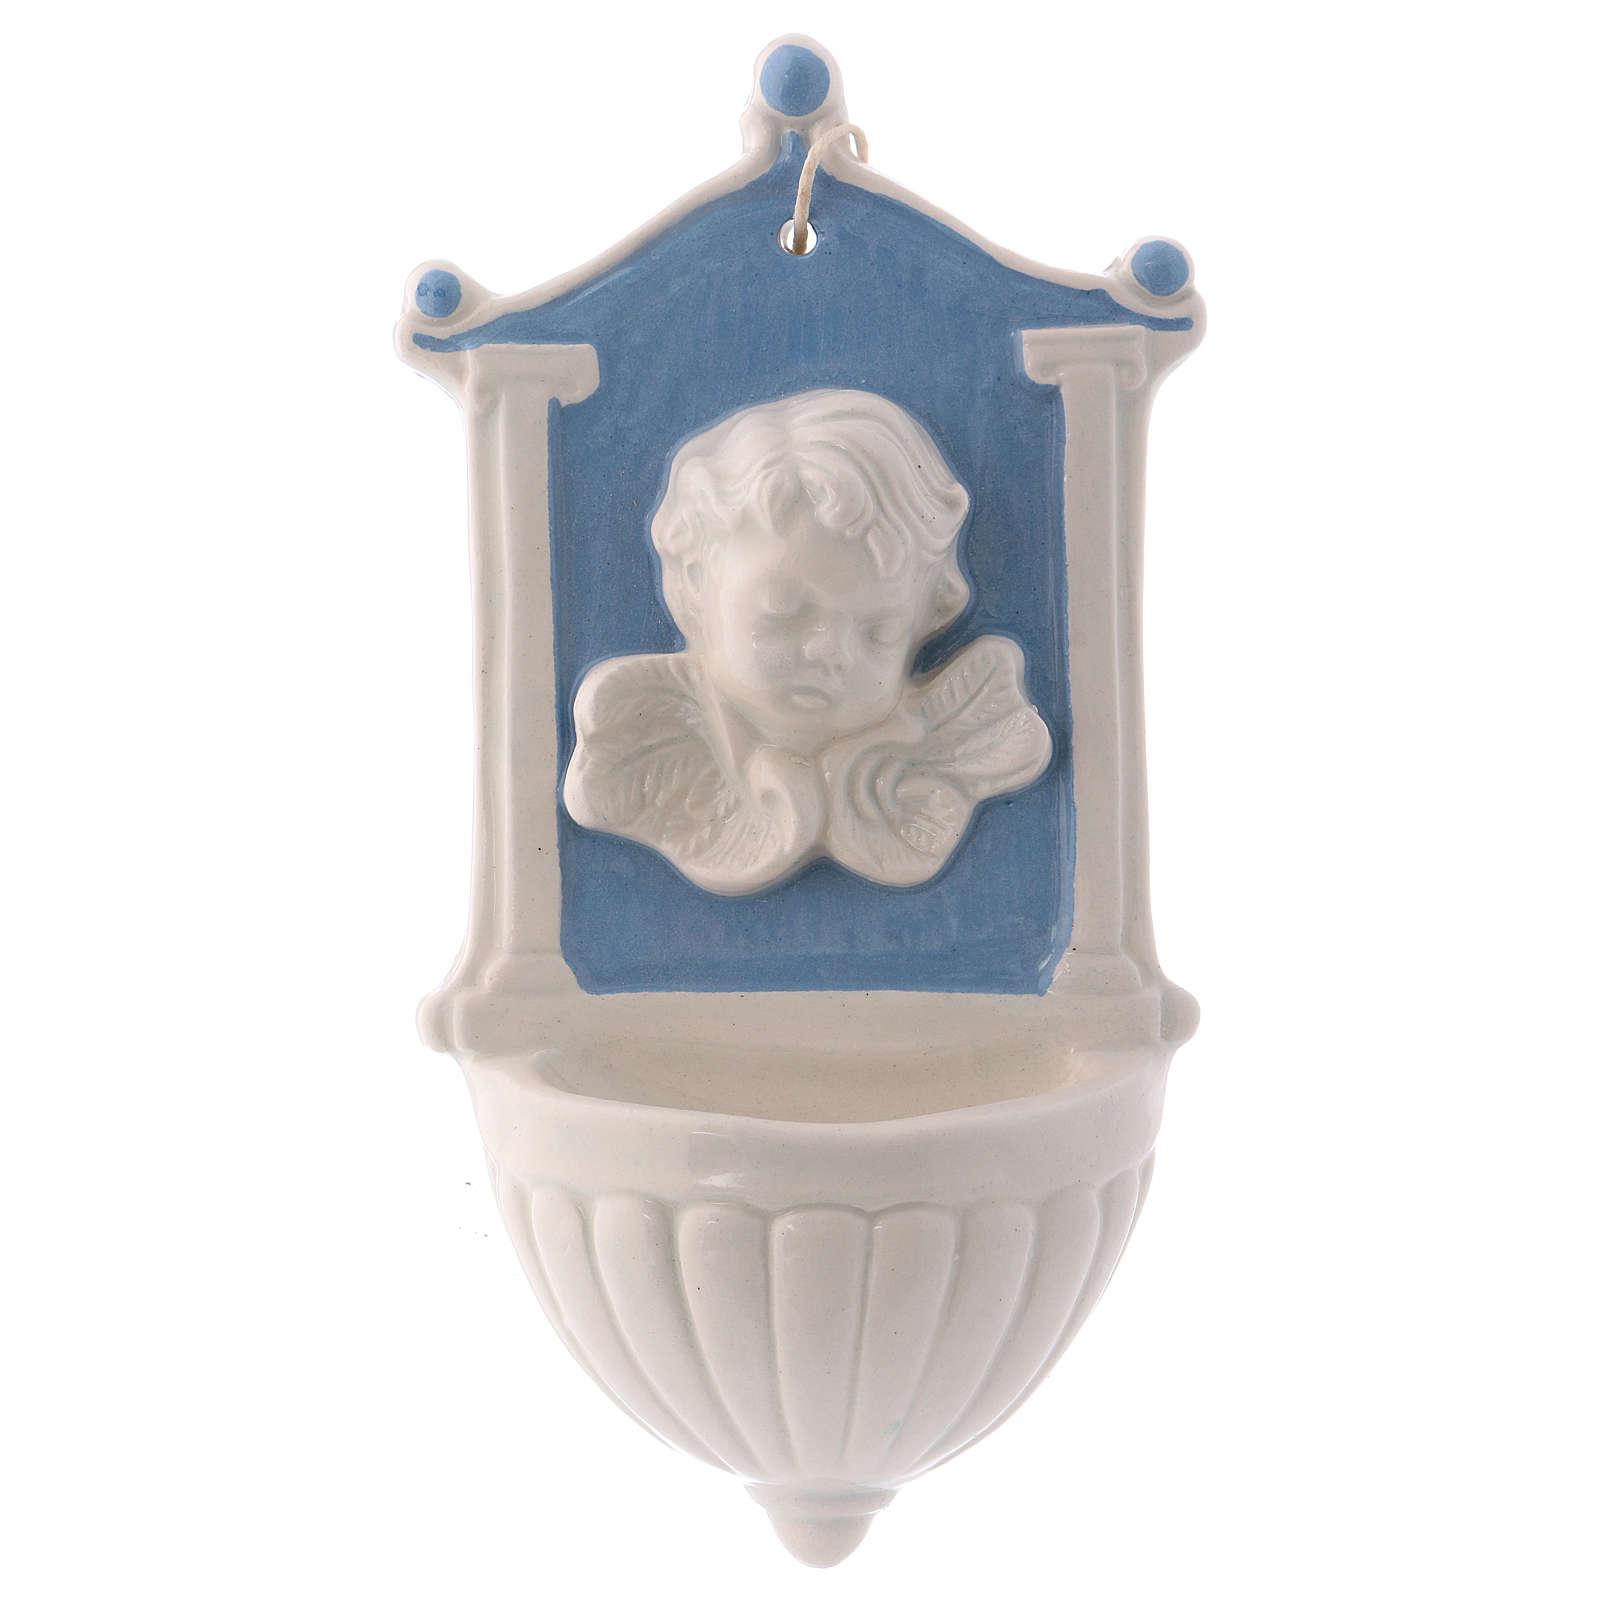 Pia água benta anjinho fundo azul colunas no lado 15x10x5 cm cerâmica Deruta 4